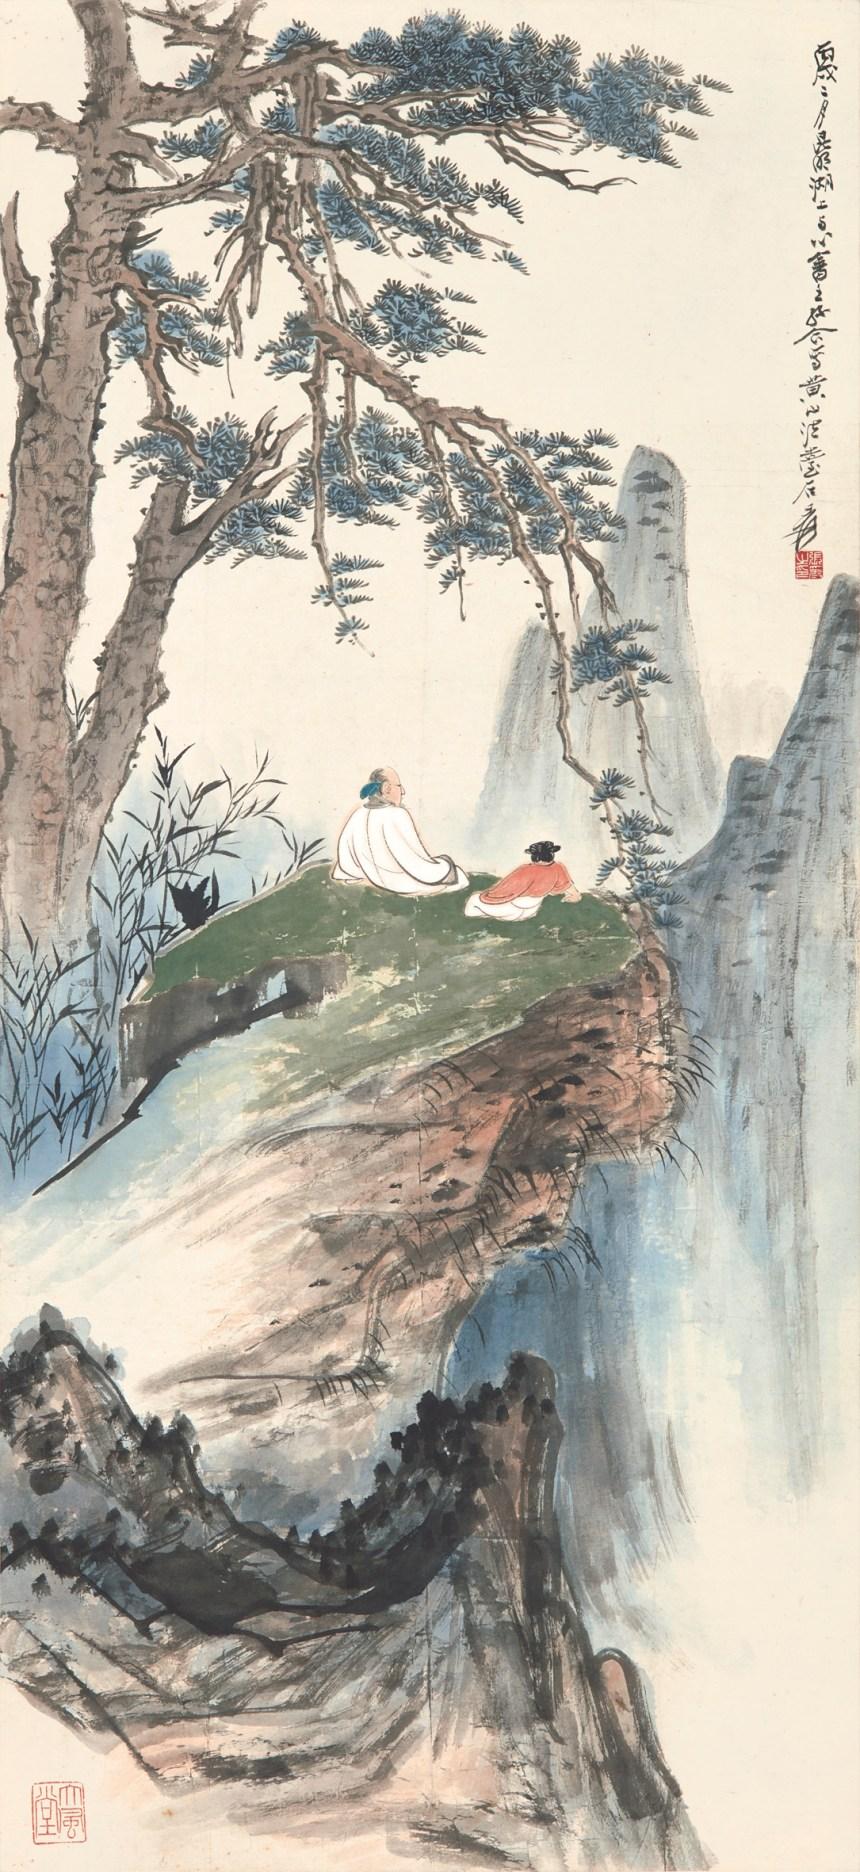 張大千、溥儒《松崖高逸》 1946年作,設色紙本 鏡框,94 x 43.3 公分 估價:850,000-1,000,000港元 Photo credit © Sotheby's